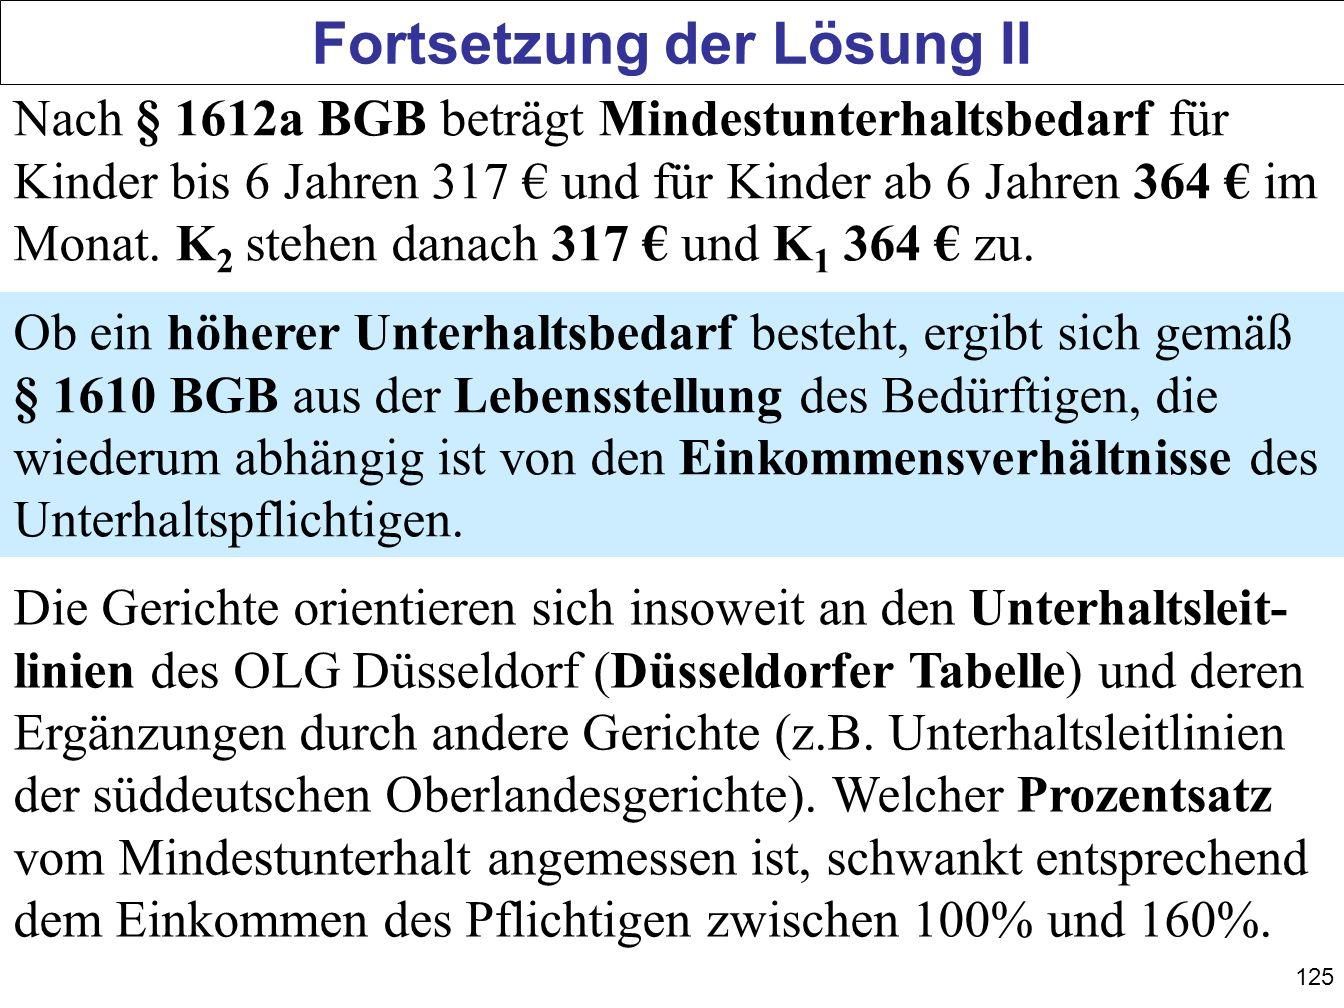 125 Fortsetzung der Lösung II Nach § 1612a BGB beträgt Mindestunterhaltsbedarf für Kinder bis 6 Jahren 317 und für Kinder ab 6 Jahren 364 im Monat. K